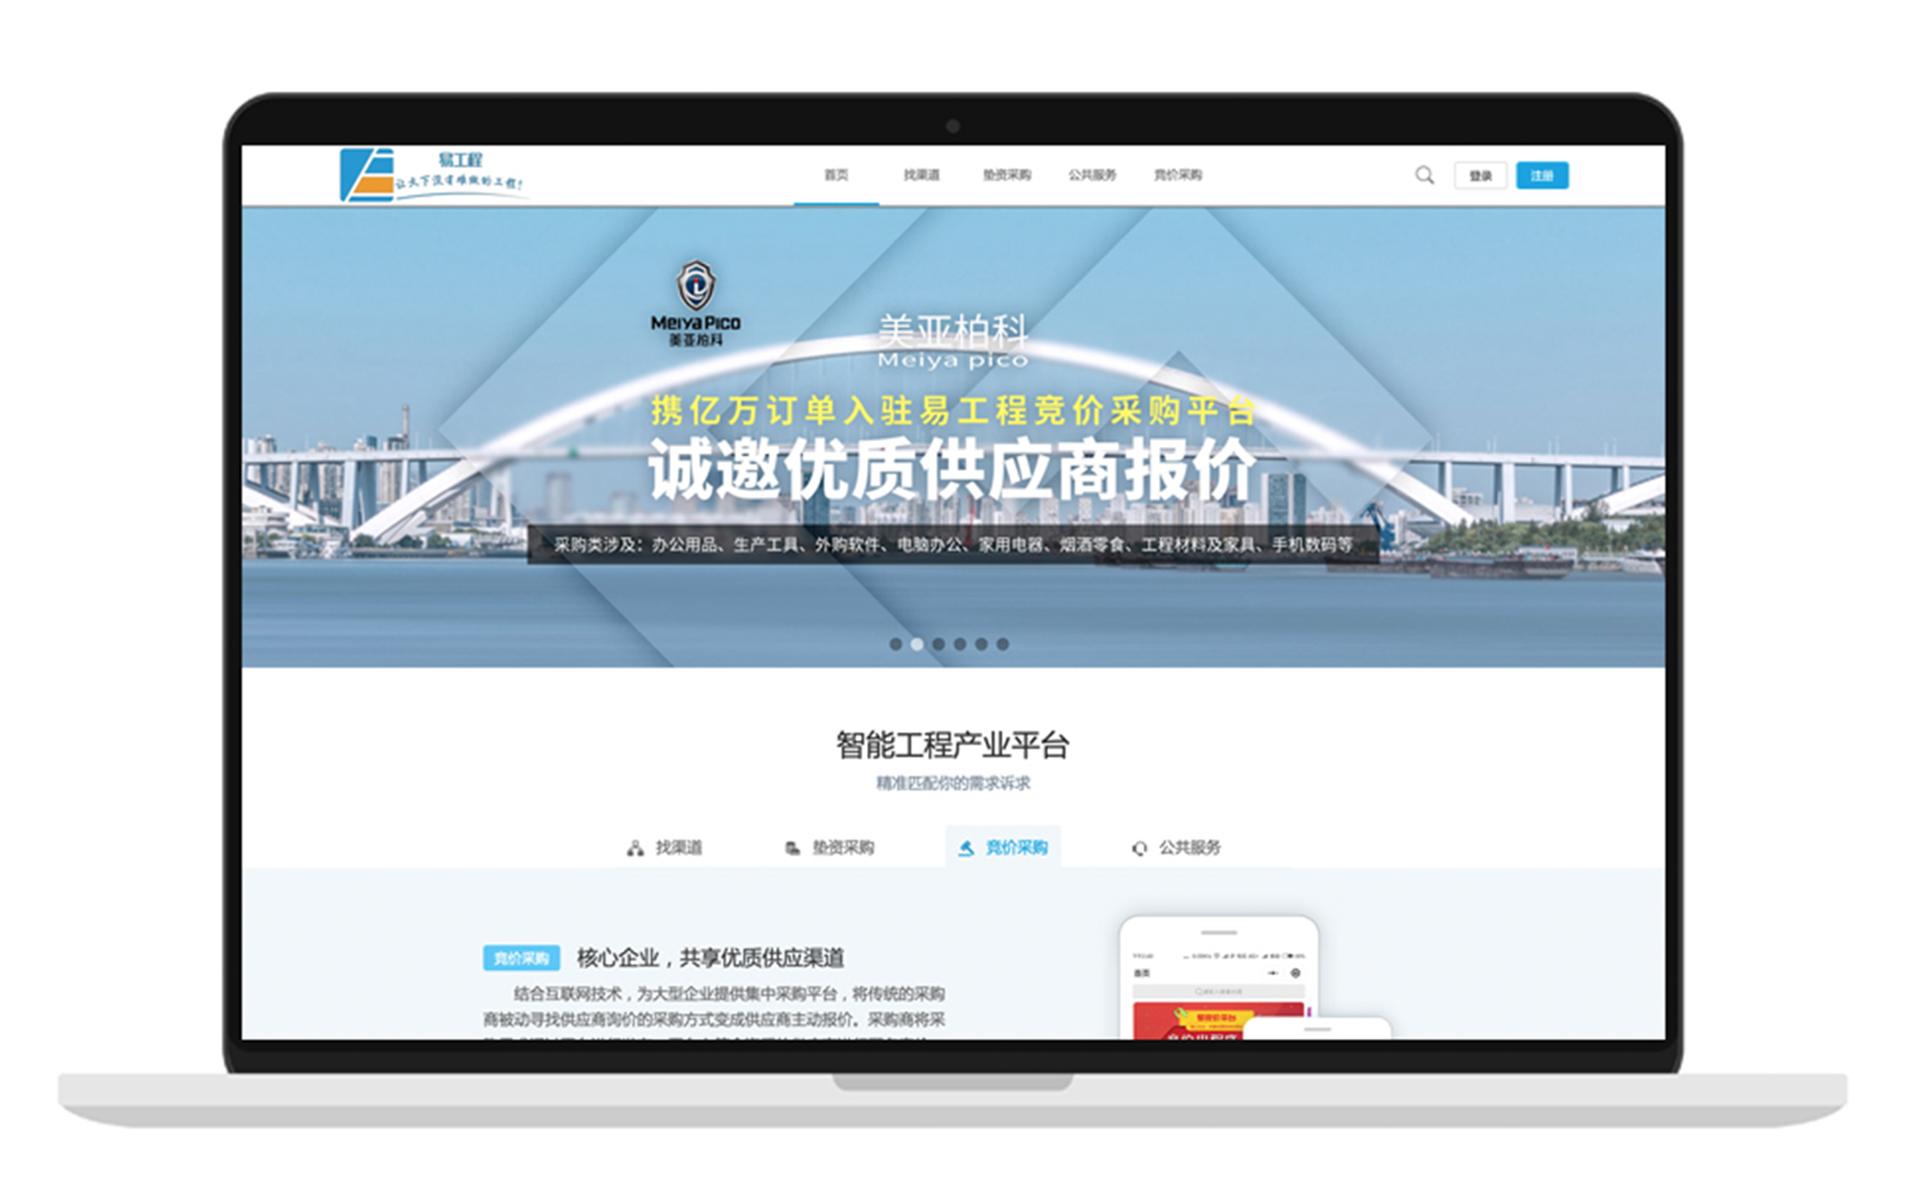 企业推广网站定制企业网站H5站网站网站建设网站开发响应式网站